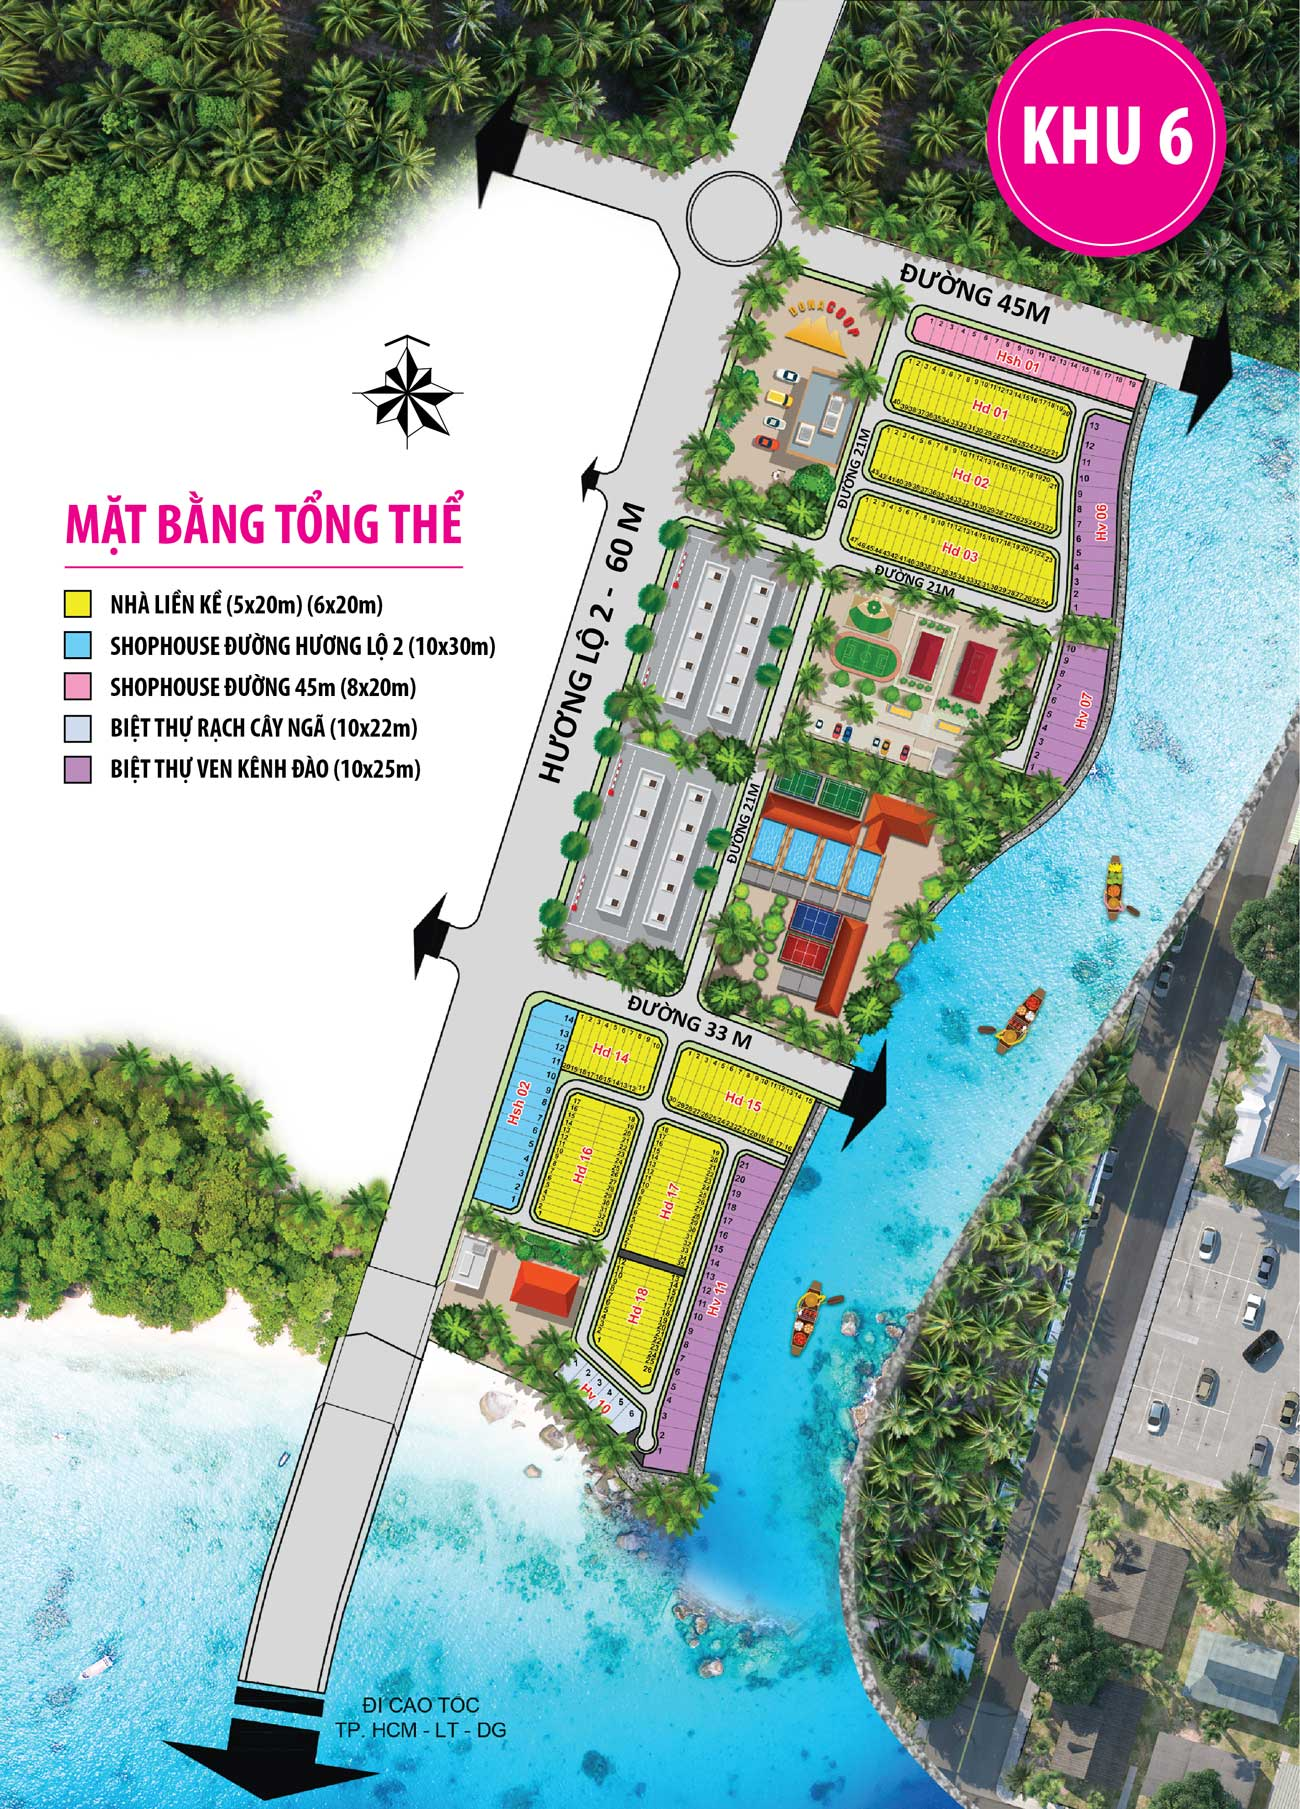 khu 6 - Dự án Đất Nền Sân Golf Long Thành